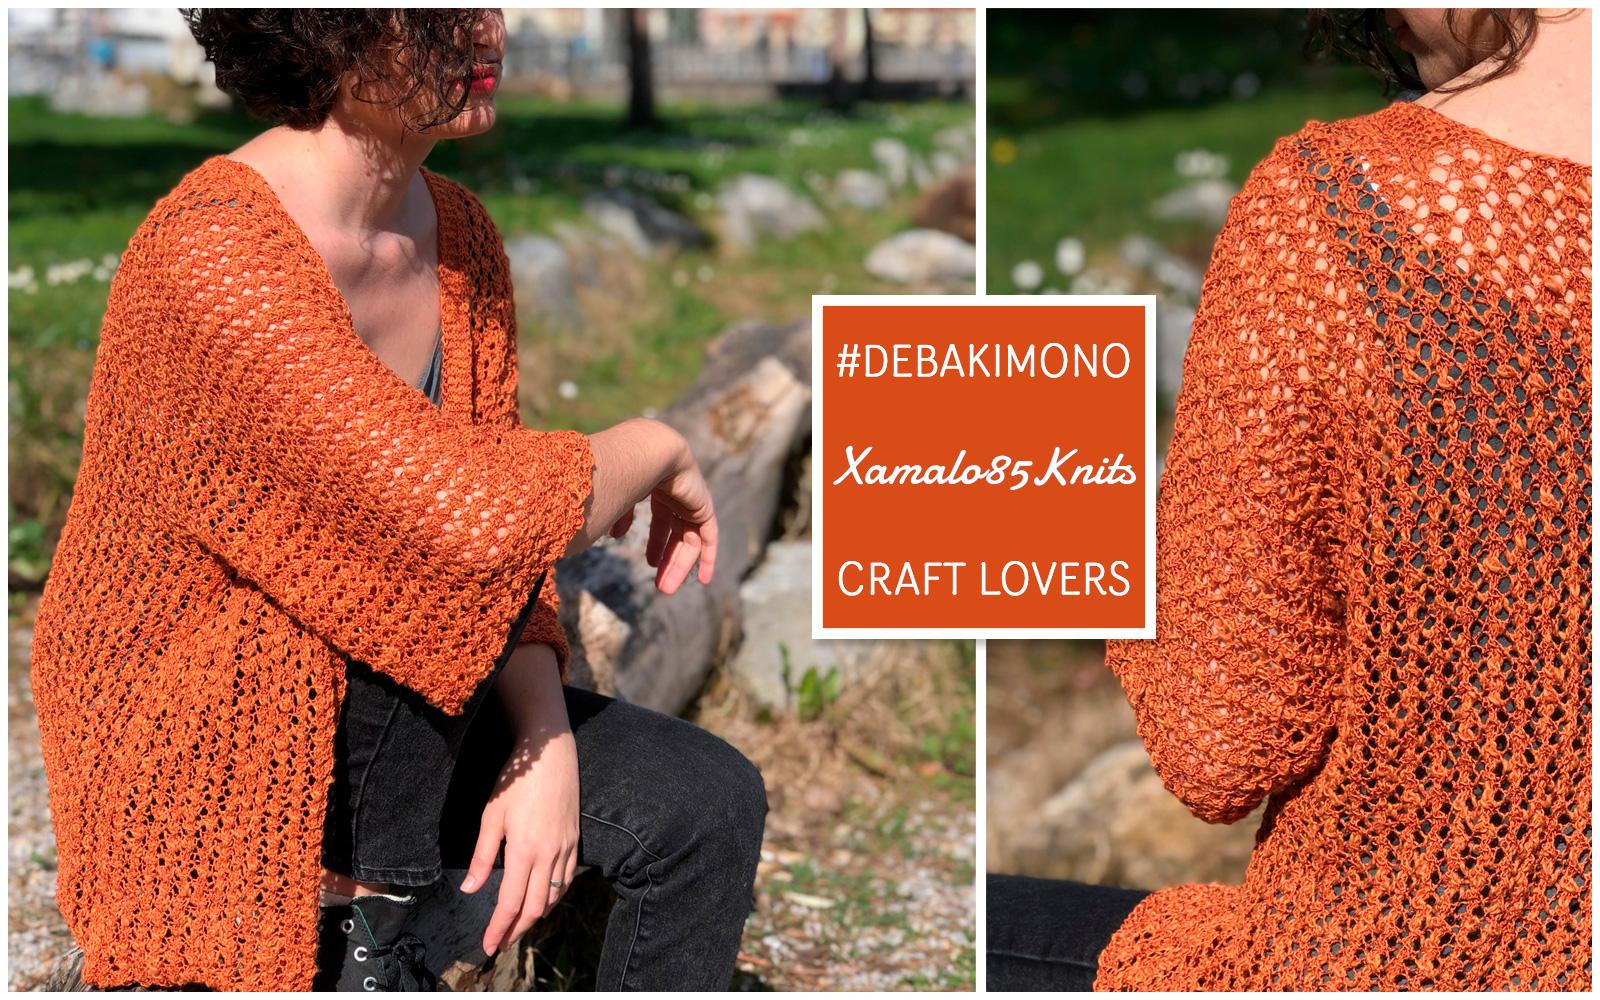 Kimono breien die uit slechts een geheel bestaat - Katia Garens : ontwerper xamalo85